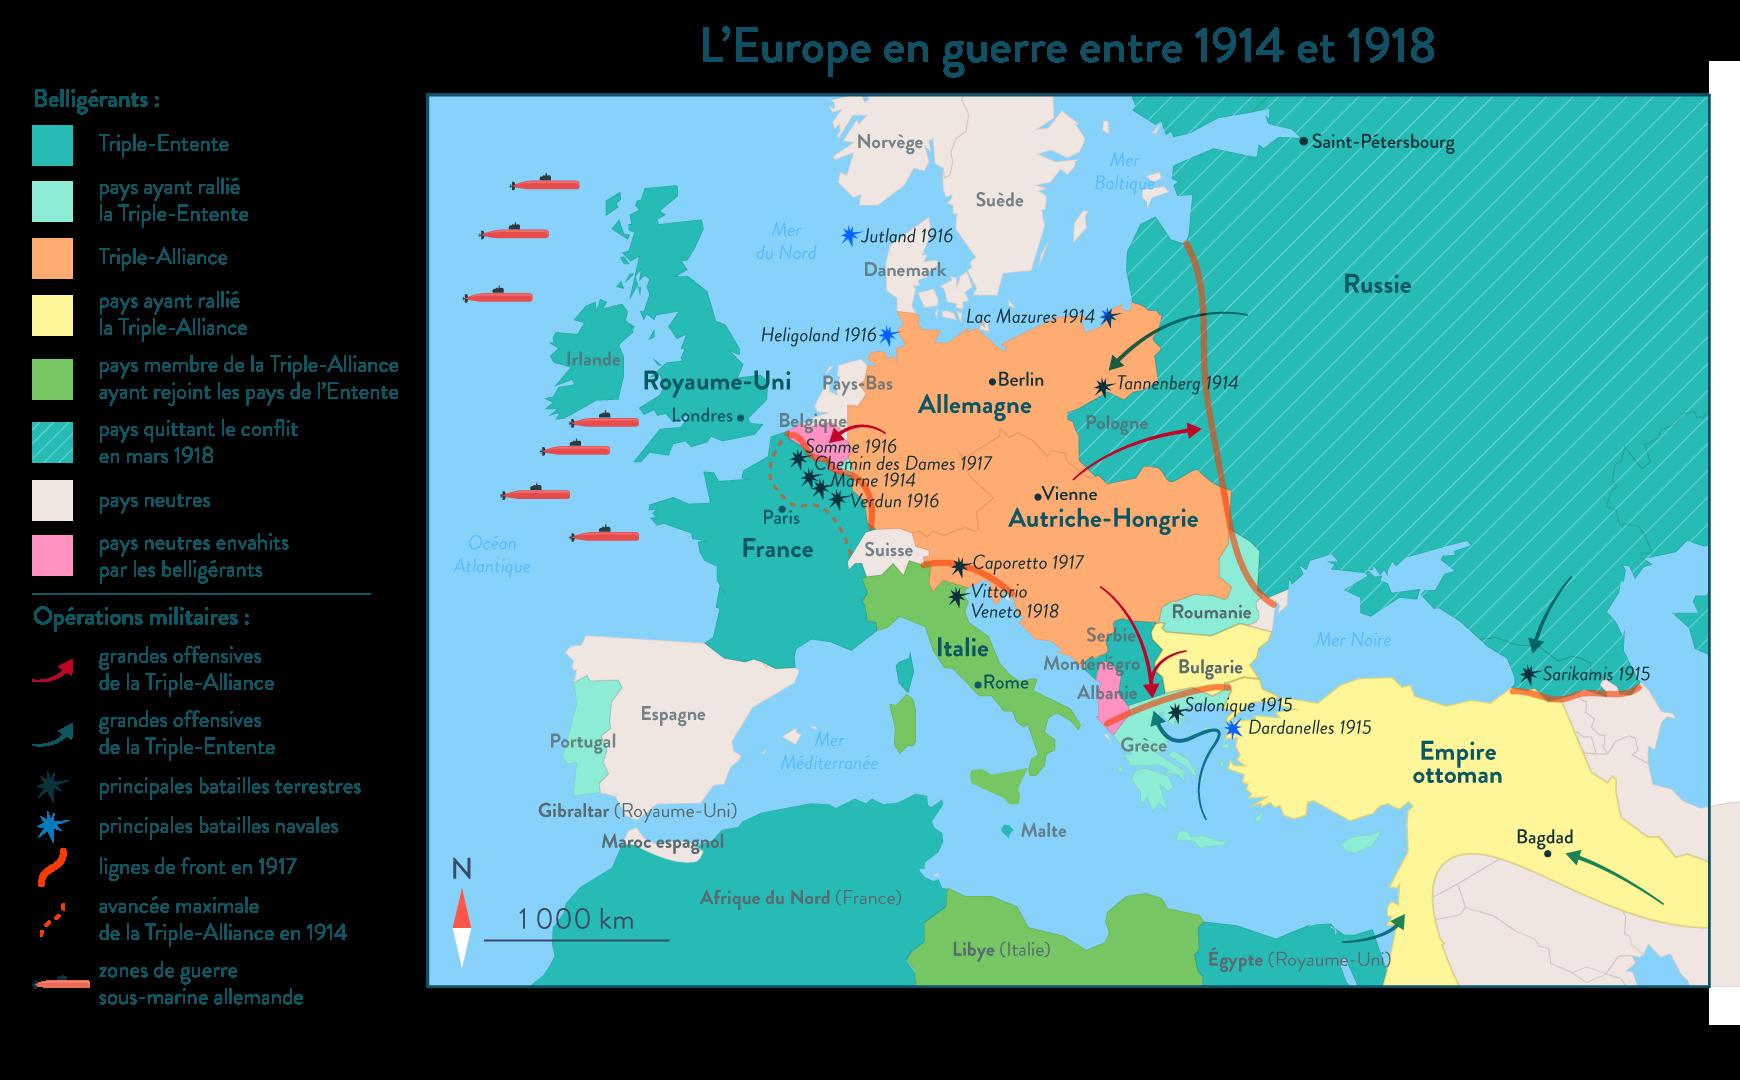 L'Europe en guerre entre 1914 et 1918 - Histoire - 1re - SchoolMouv